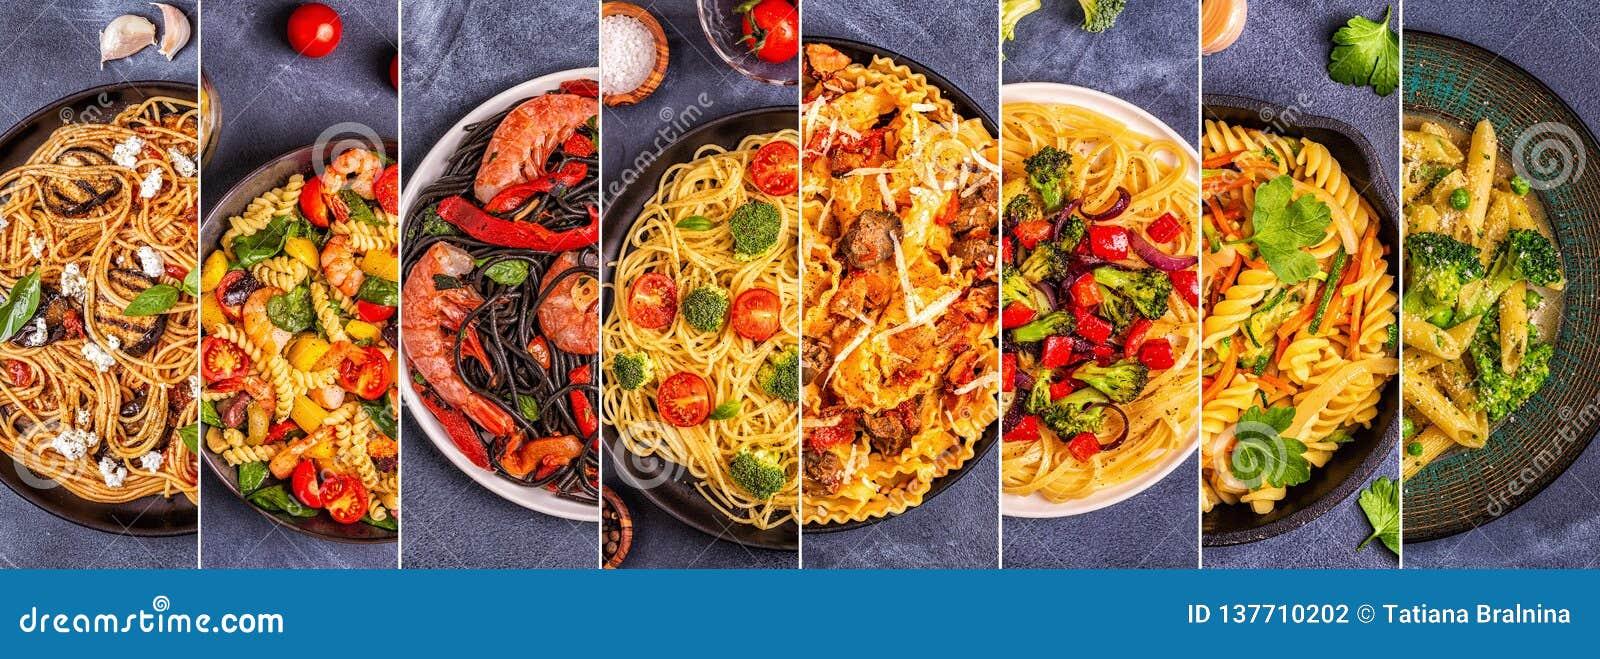 Коллаж различных блюд макаронных изделий